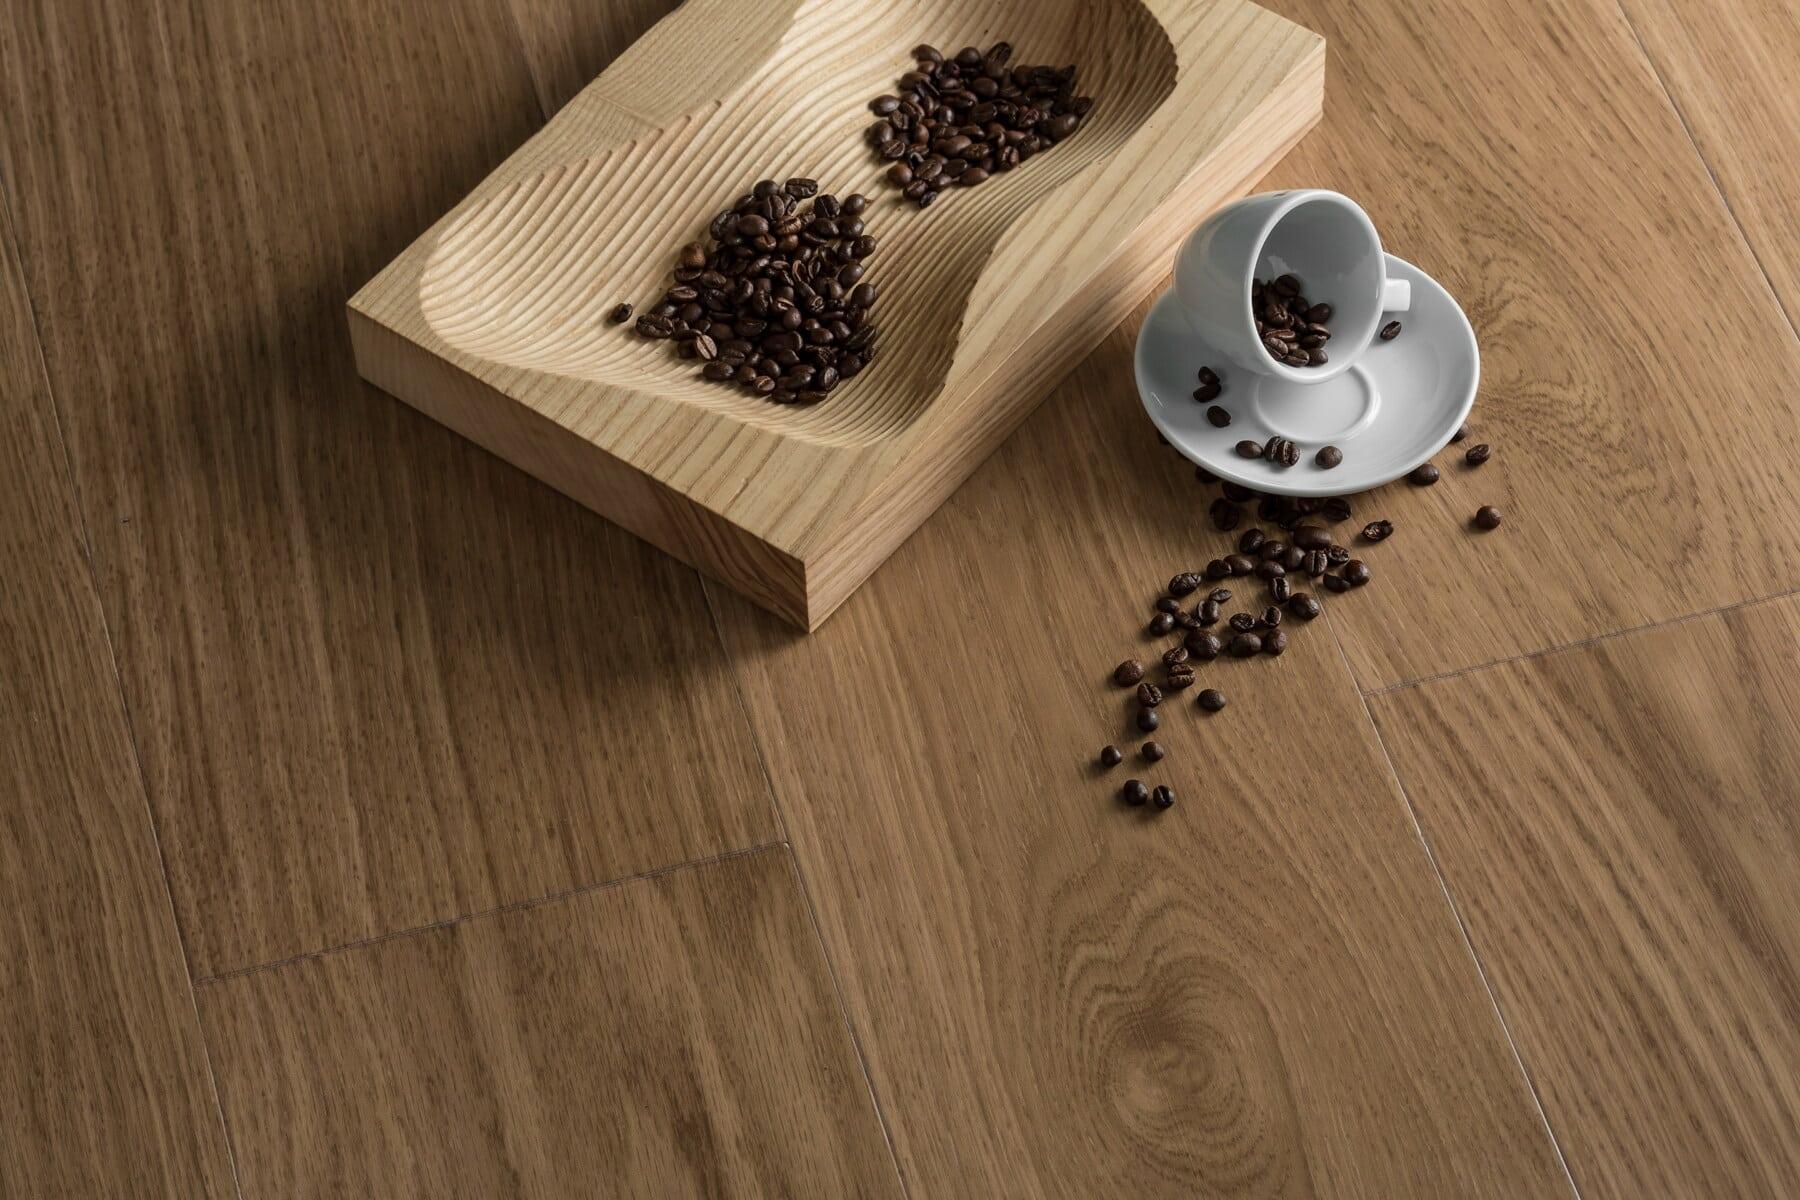 semences, rôti, café, tasse à café, cafétéria, caféine, sombre, parquet, bois, Expresso